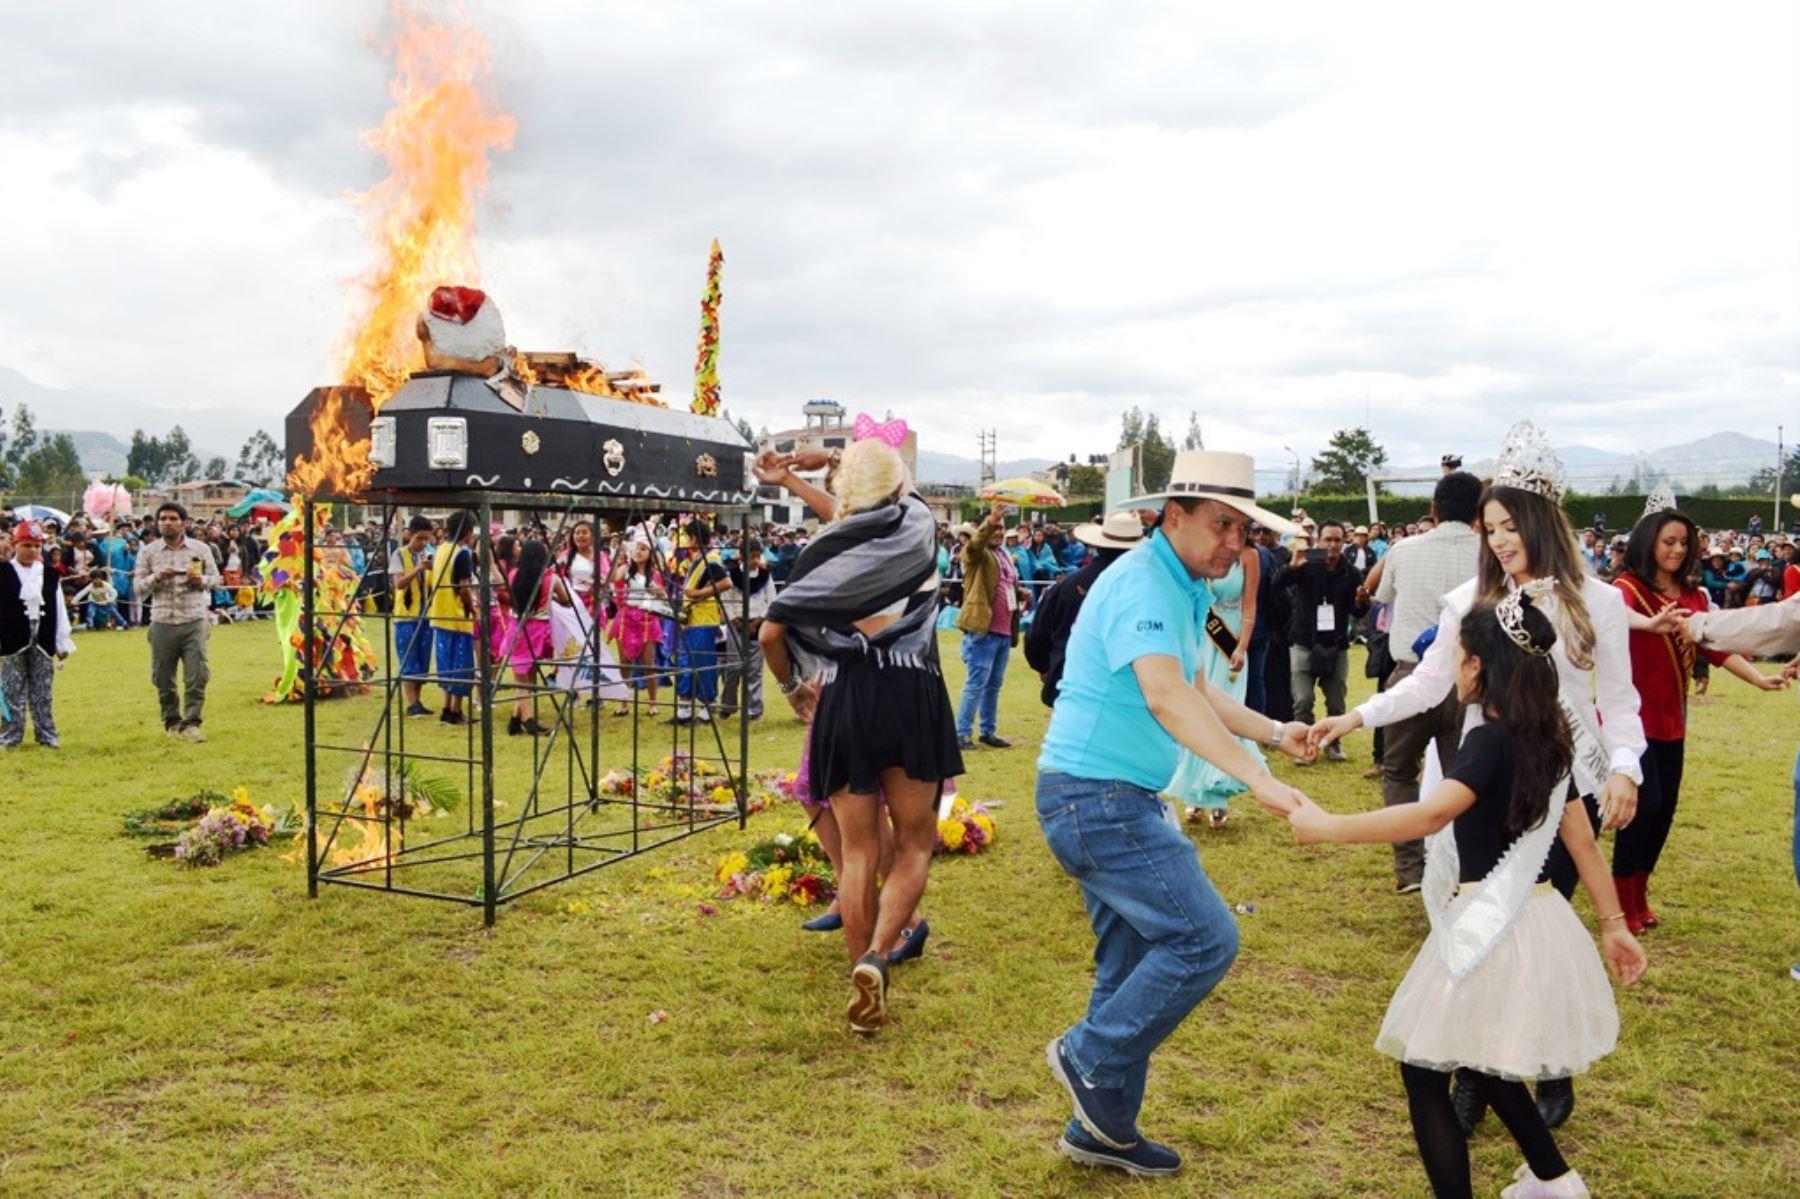 Concluye el carnaval de Cajamarca con despedida al Rey Momo. ANDINA/Eduard Lozano